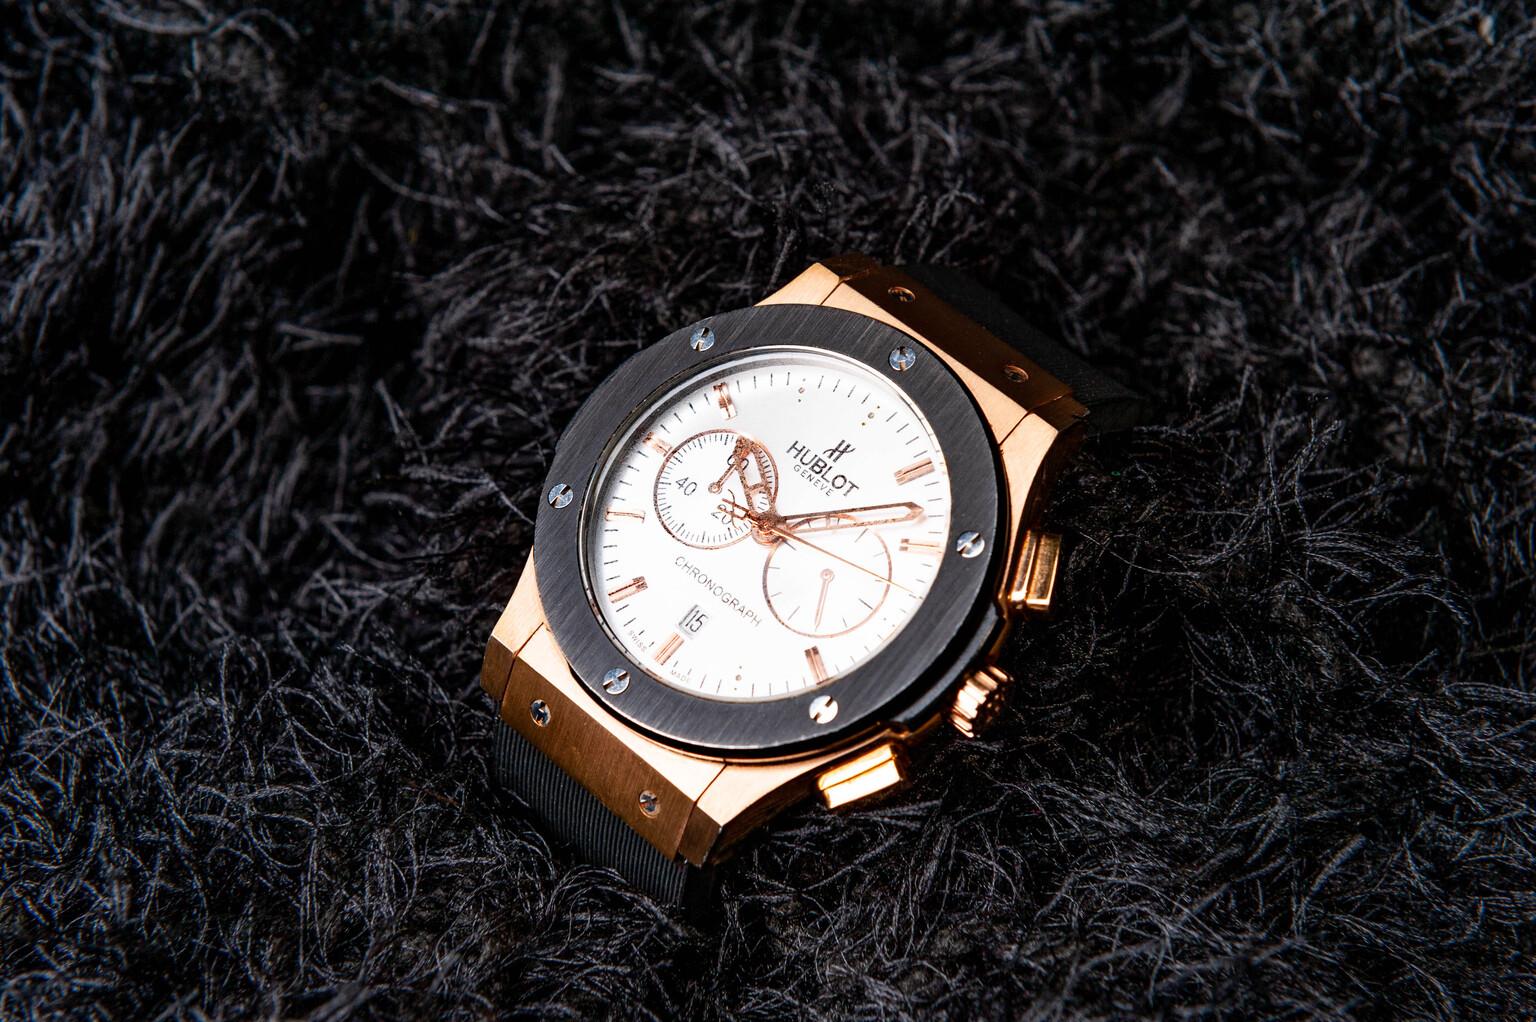 Photography - productfotografie - foto door focuscabrio op 14-04-2021 - locatie: 9220 Hamme, België - deze foto bevat: kijk maar, bruin, analoog horloge, klok, bekijk accessoire, hout, lettertype, cirkel, meetinstrument, modeaccessoire